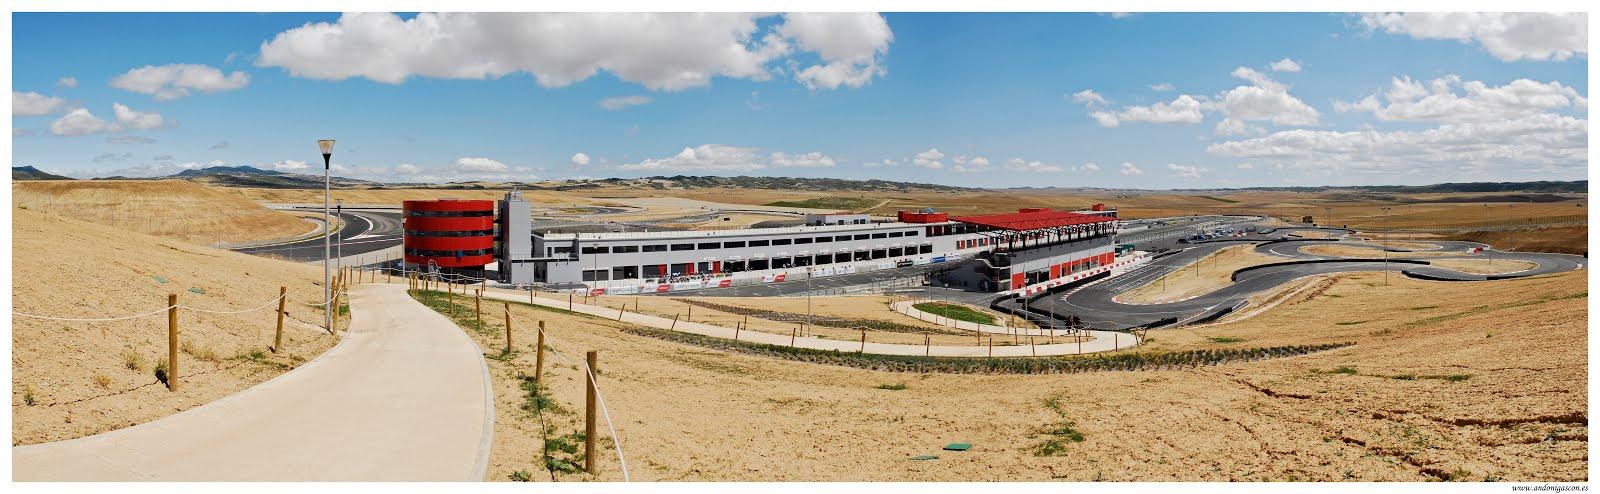 Circuito Navarra : Eventos circuito de navarra